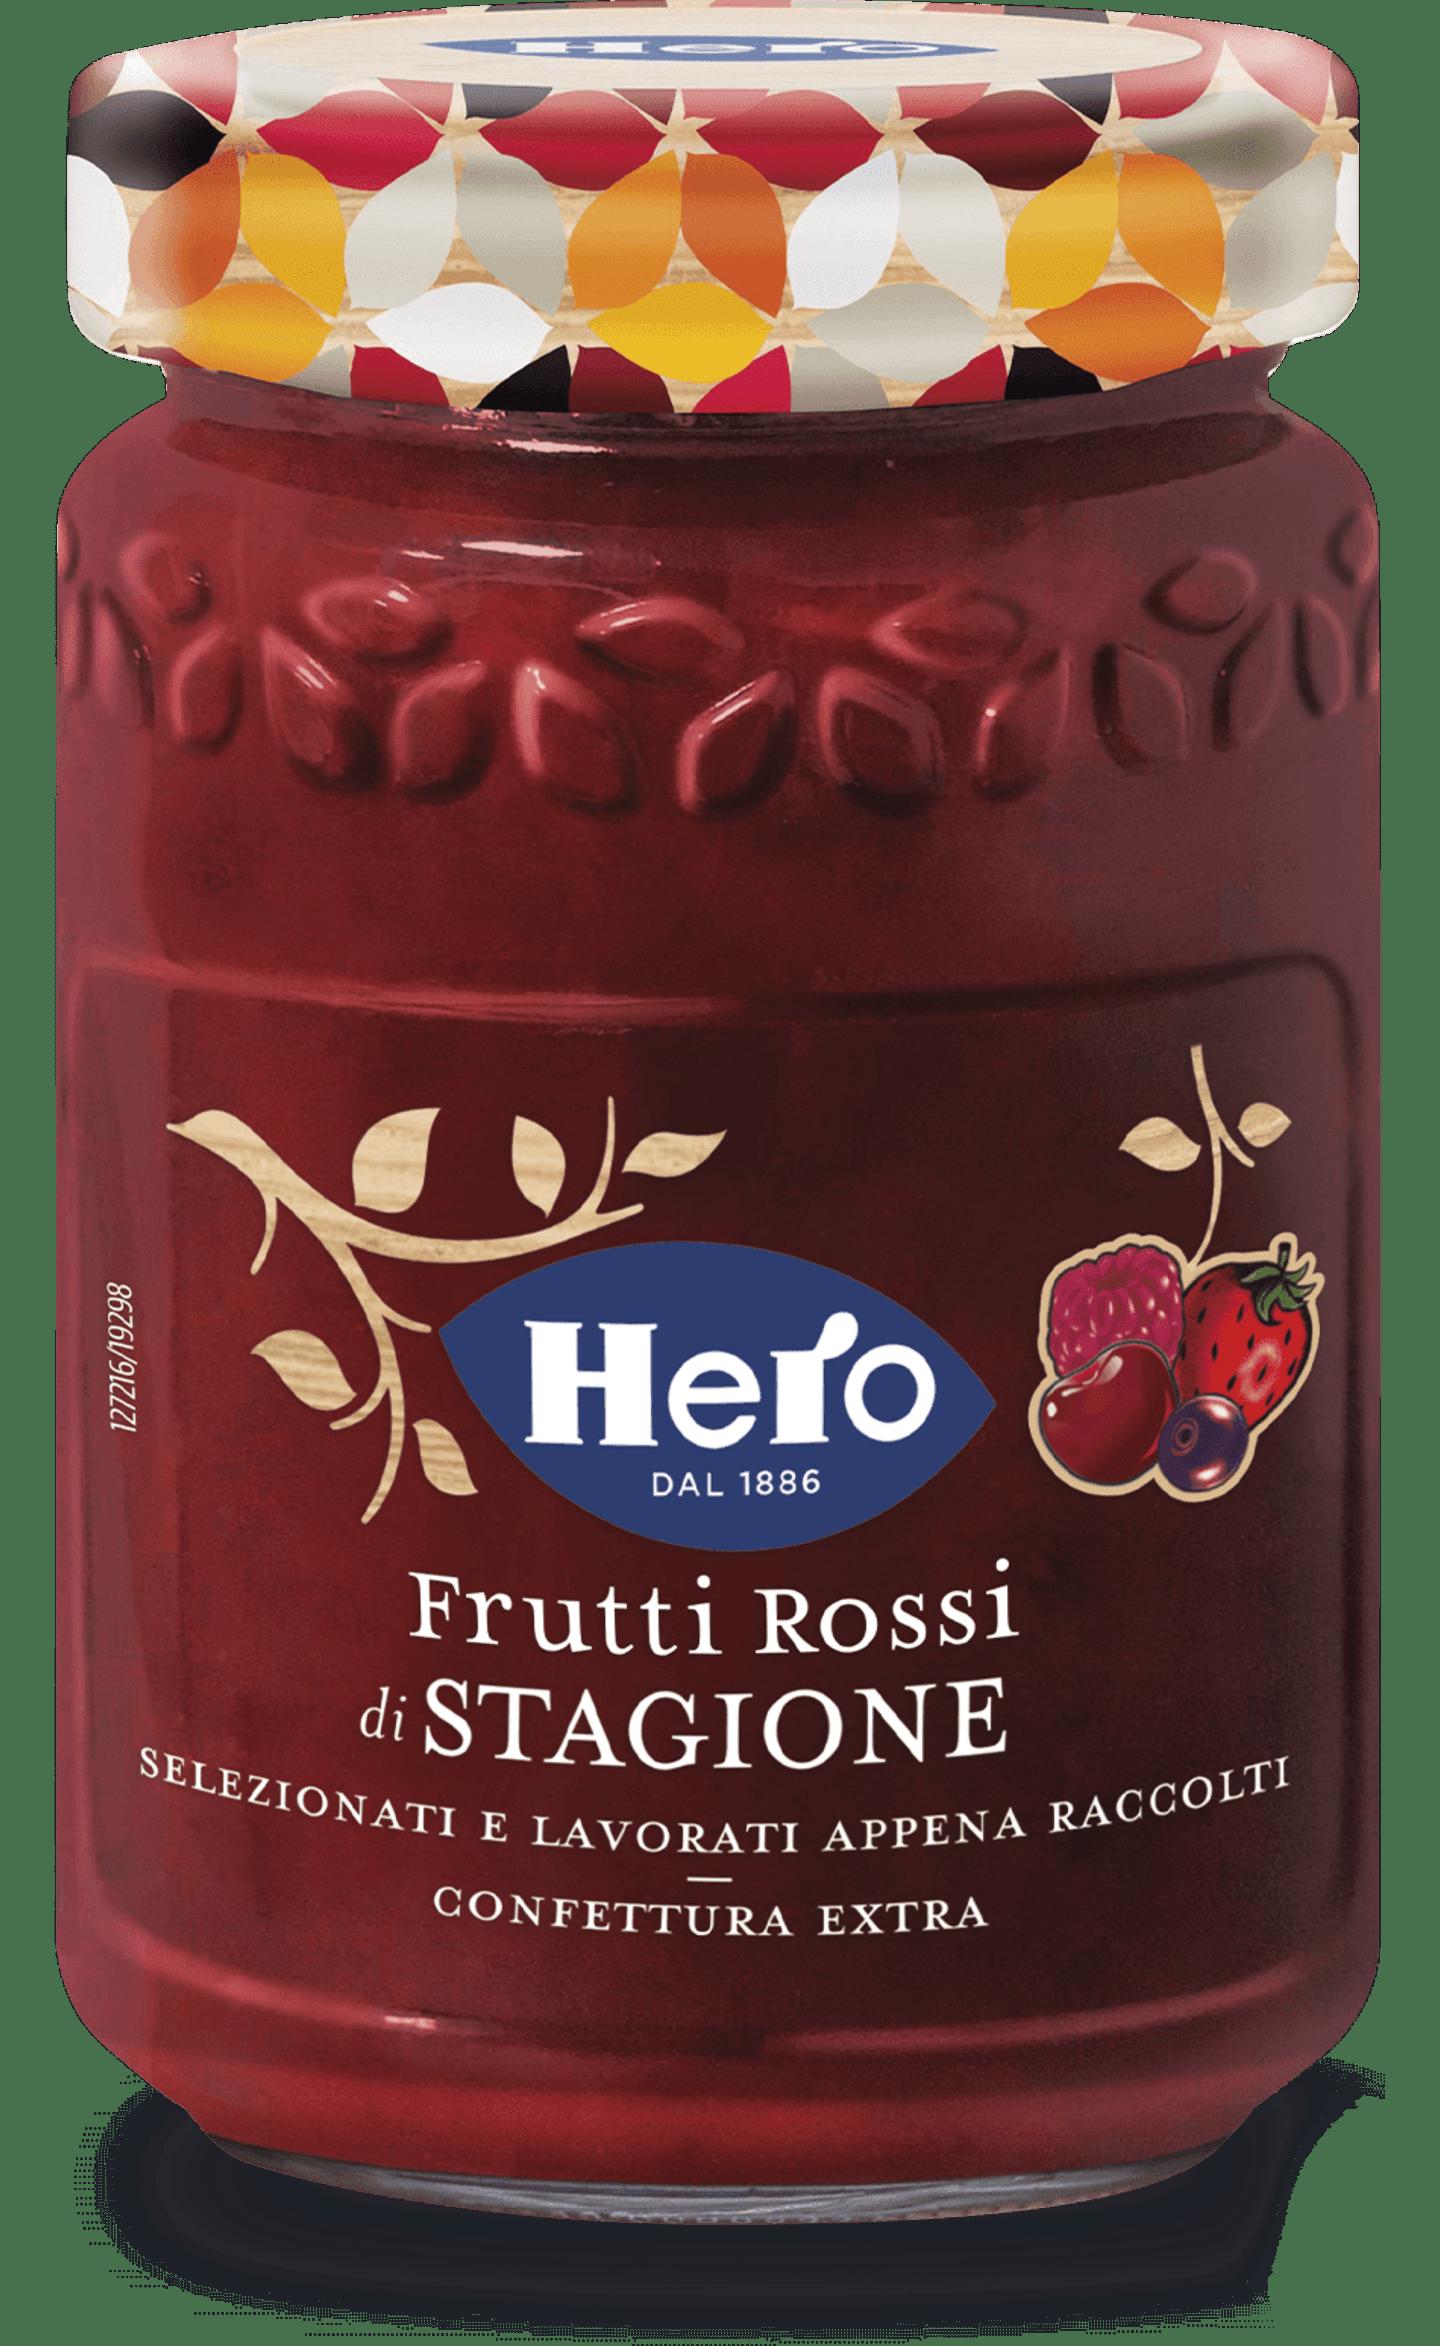 marmellata-frutti-rossi-di-stagione-hero-italia